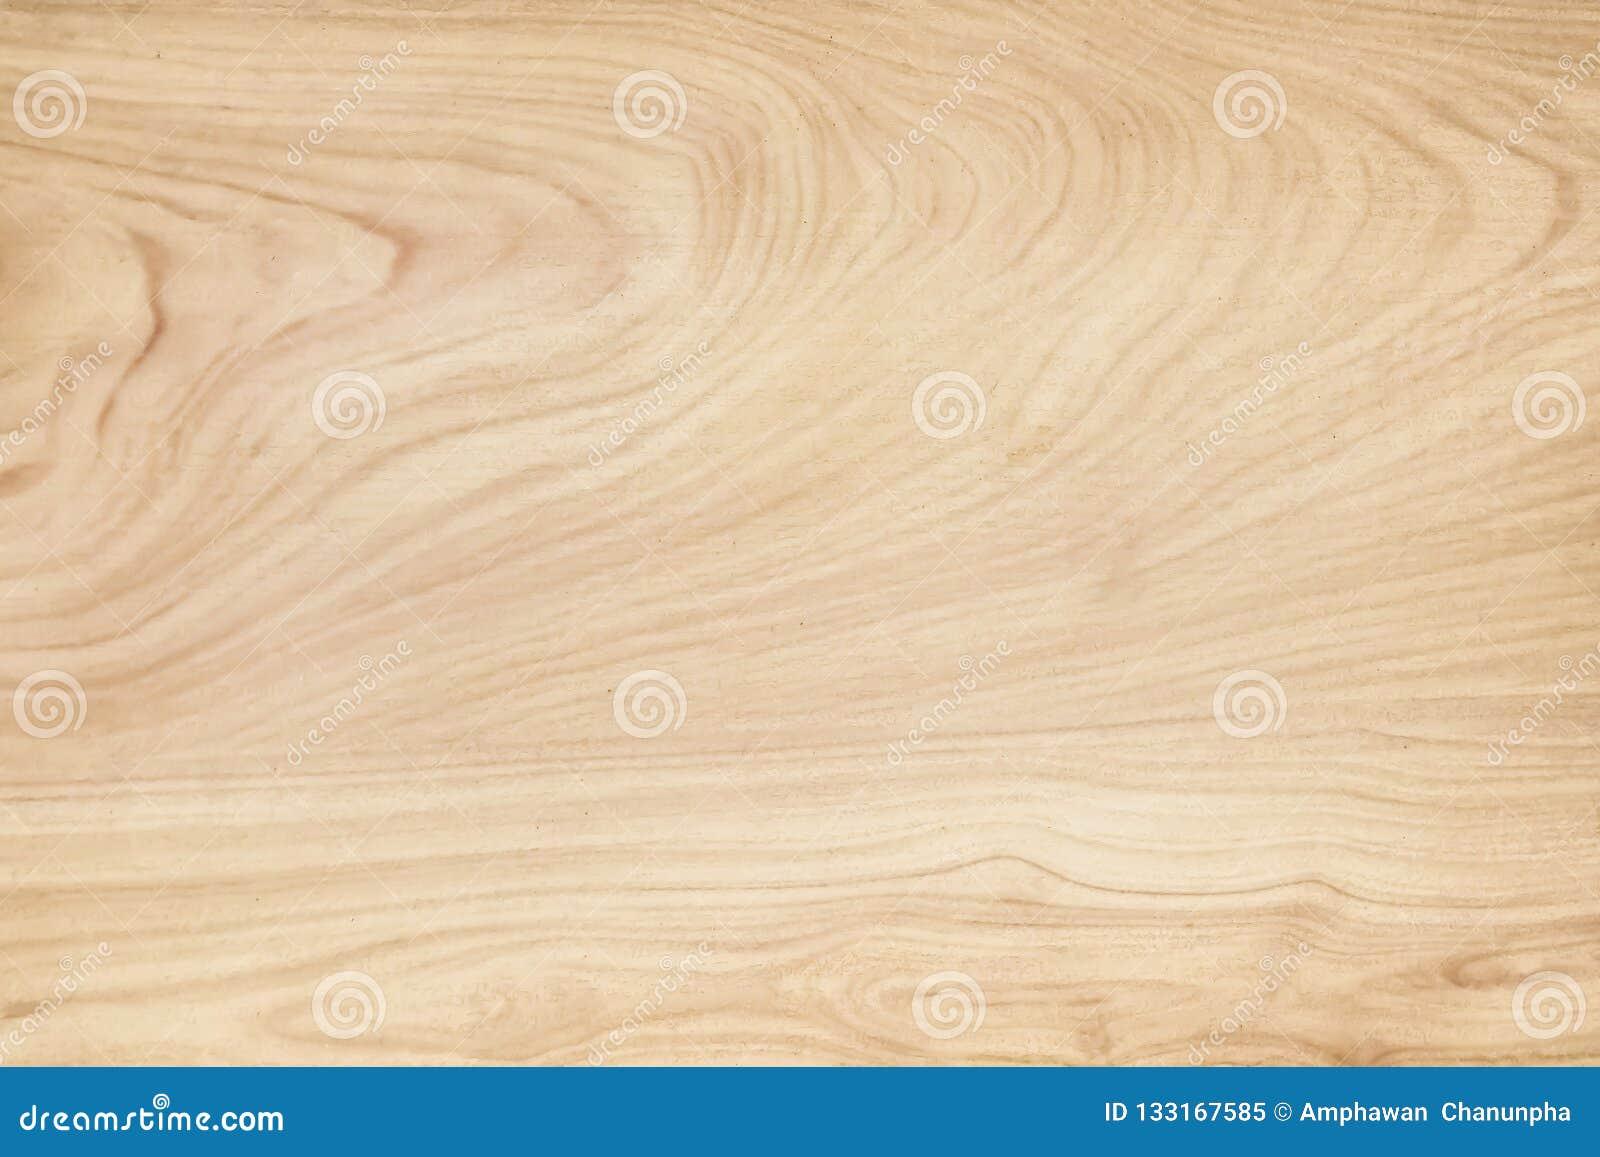 木墙壁纹理背景,在水平的浅褐色的自然波动图式摘要